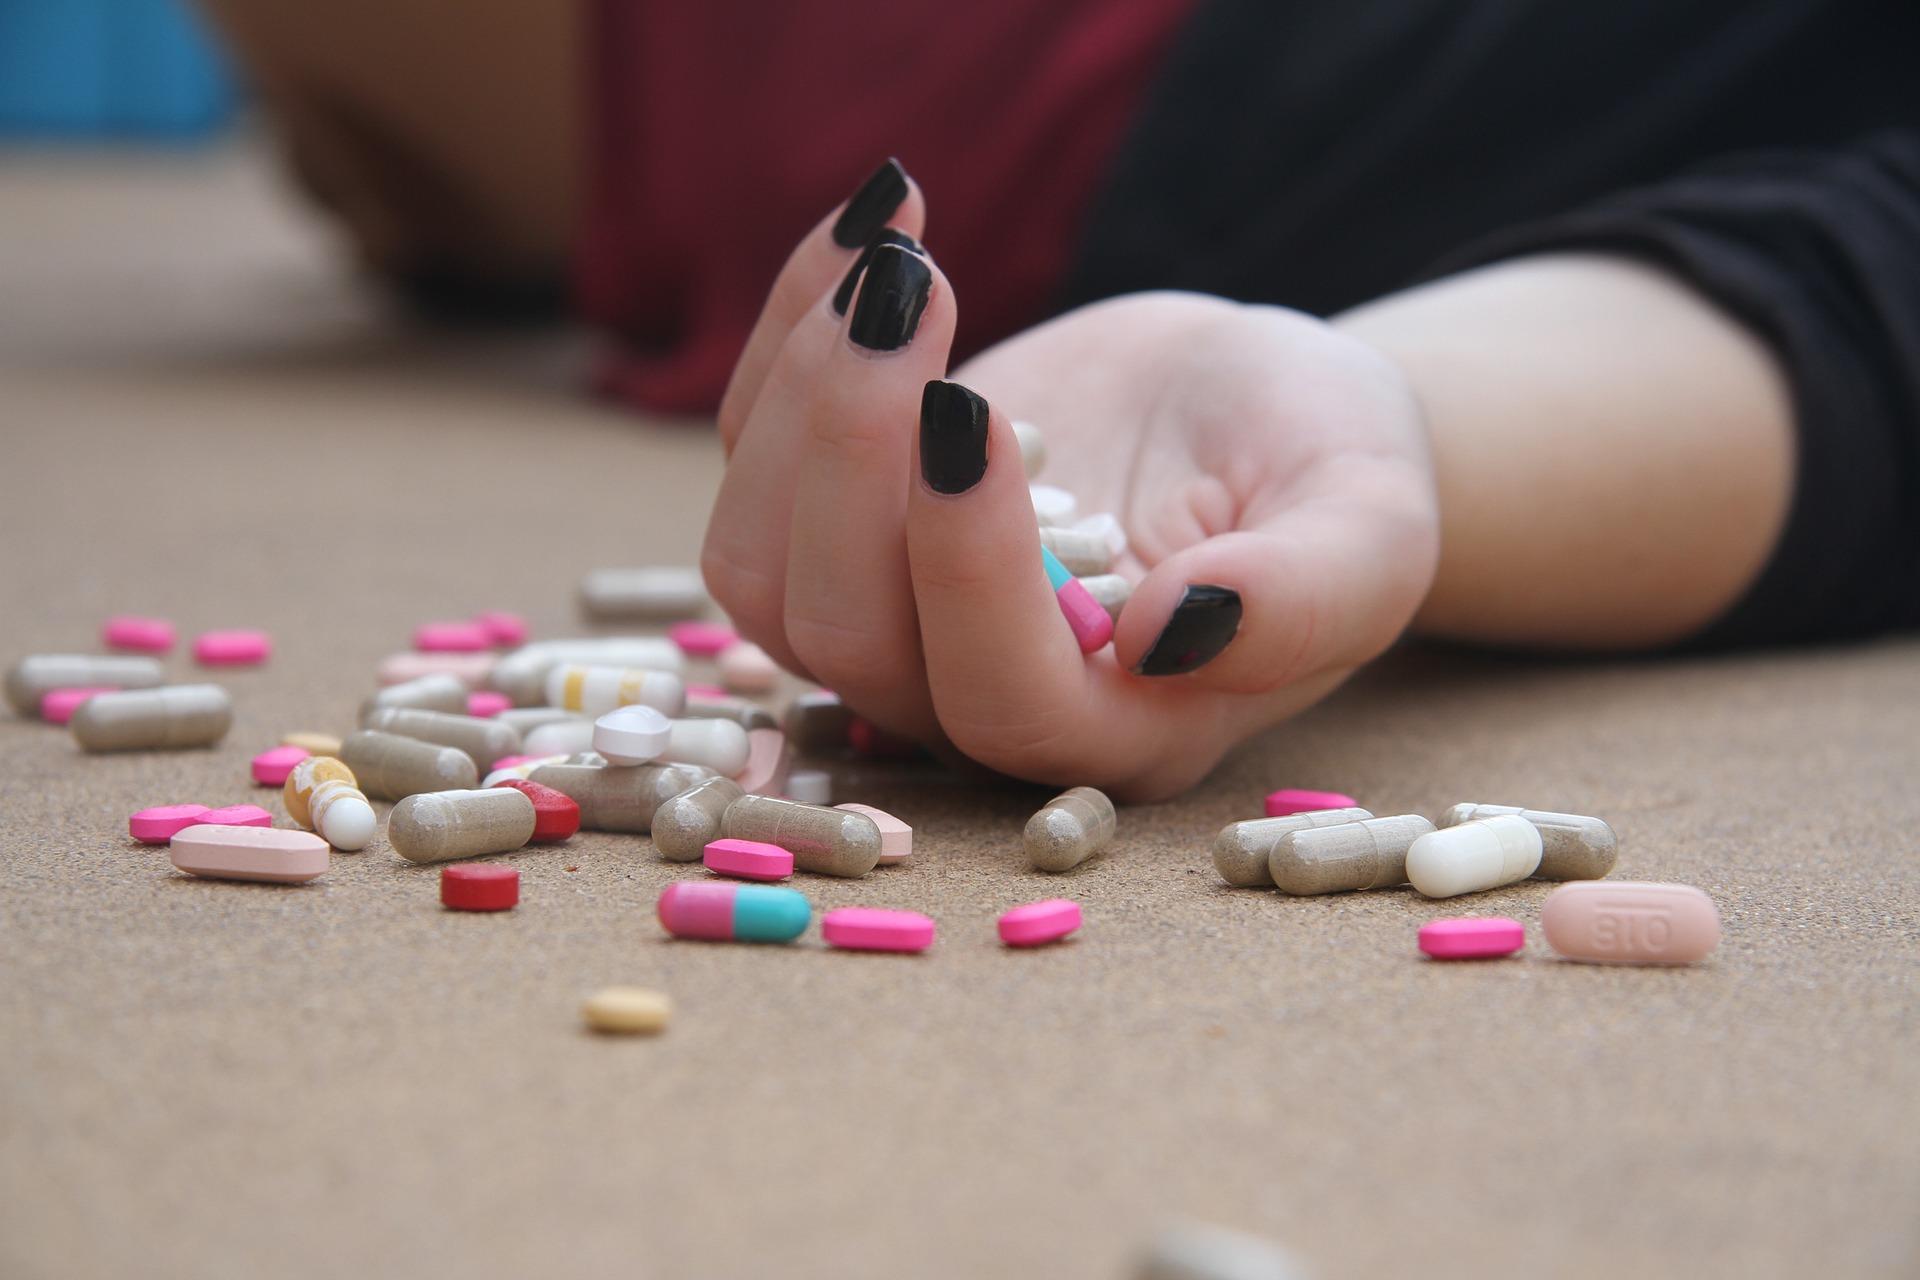 La valutazione infermieristica del rischio suicidario nella persona ricoverata in un Servizio Psichiatrico di Diagnosi e Cura: validità predittiva della versione italiana della Nurses' Global Assessment of Suicide Risk (NGASR-ita)